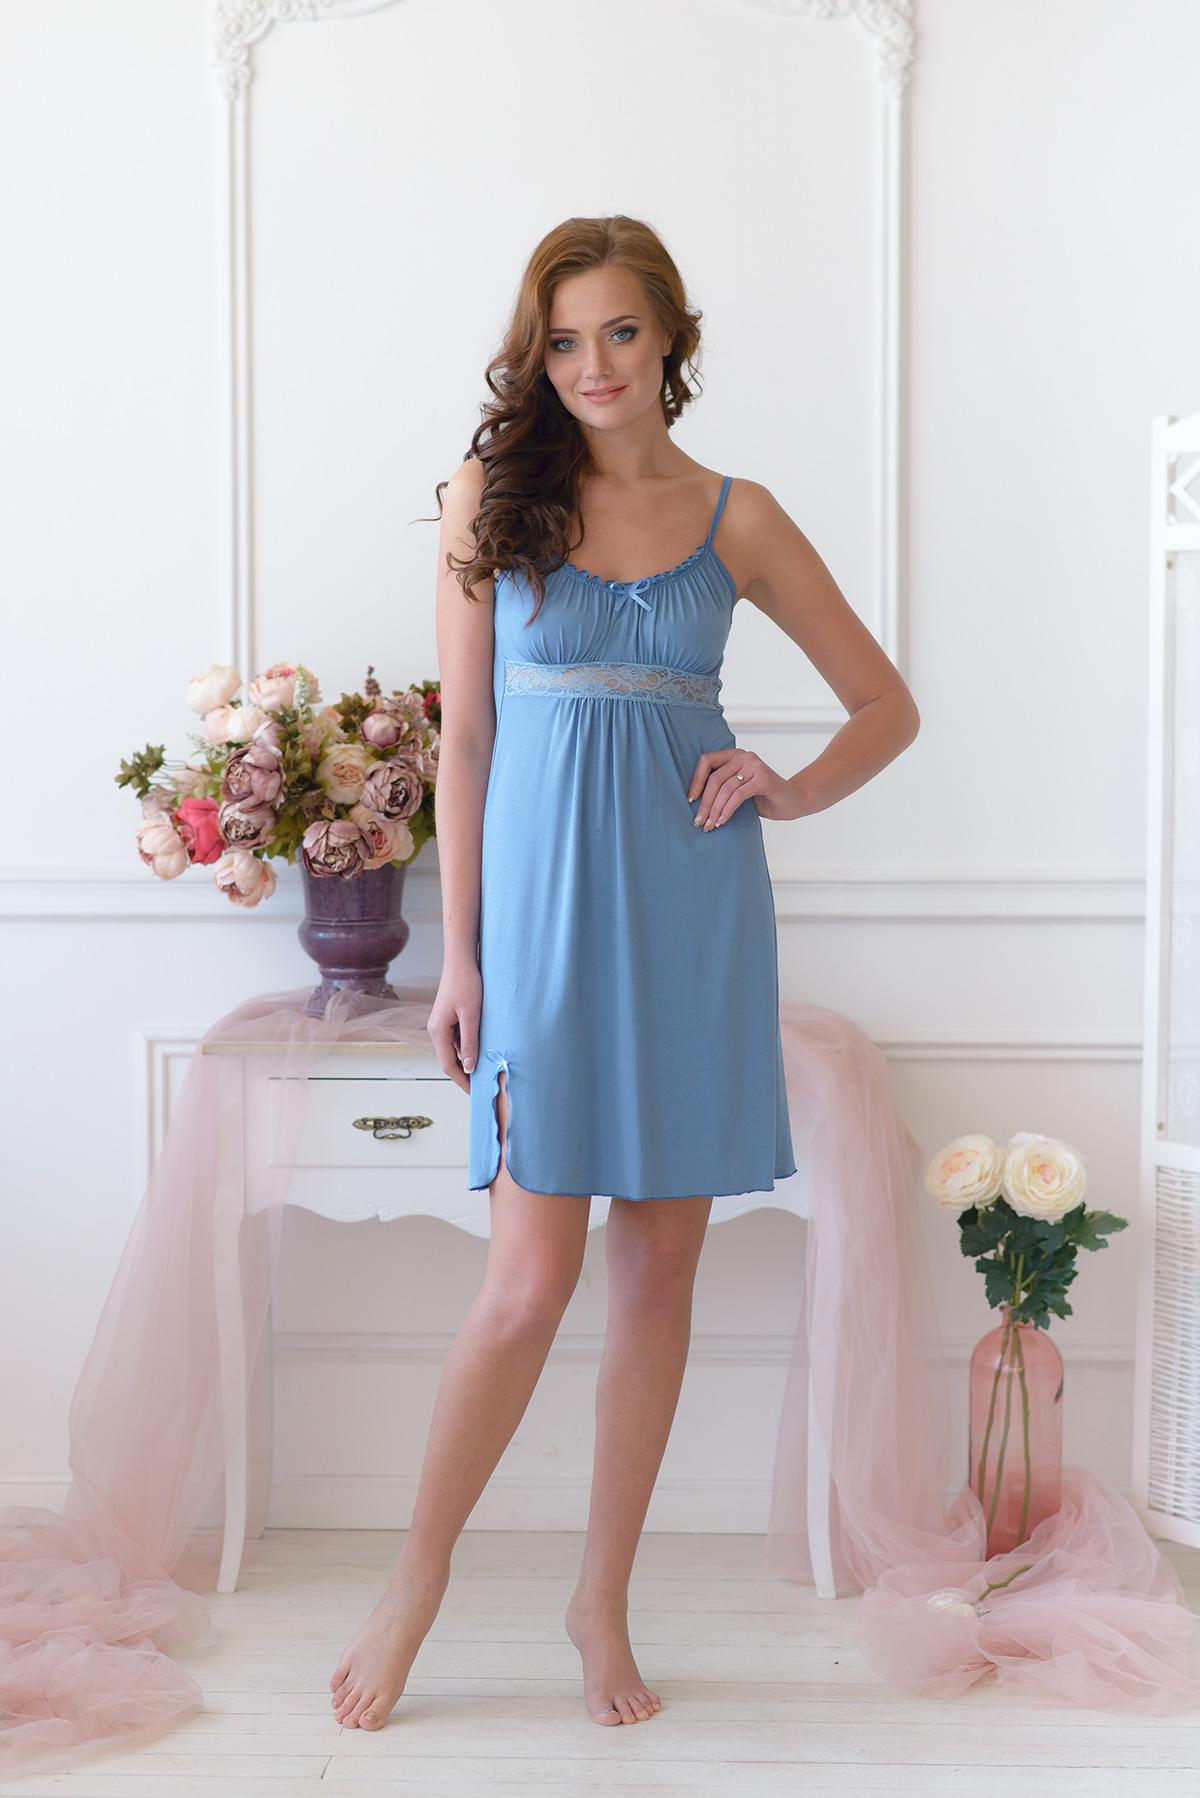 Жен. сорочка арт. 19-0017 Серо-голубой р. 52Ночные сорочки<br>Факт. ОГ: 76 см <br>Факт. ОТ: 106 см <br>Факт. ОБ: 116 см <br>Длина по спинке: 64 см<br><br>Тип: Жен. сорочка<br>Размер: 52<br>Материал: Вискоза